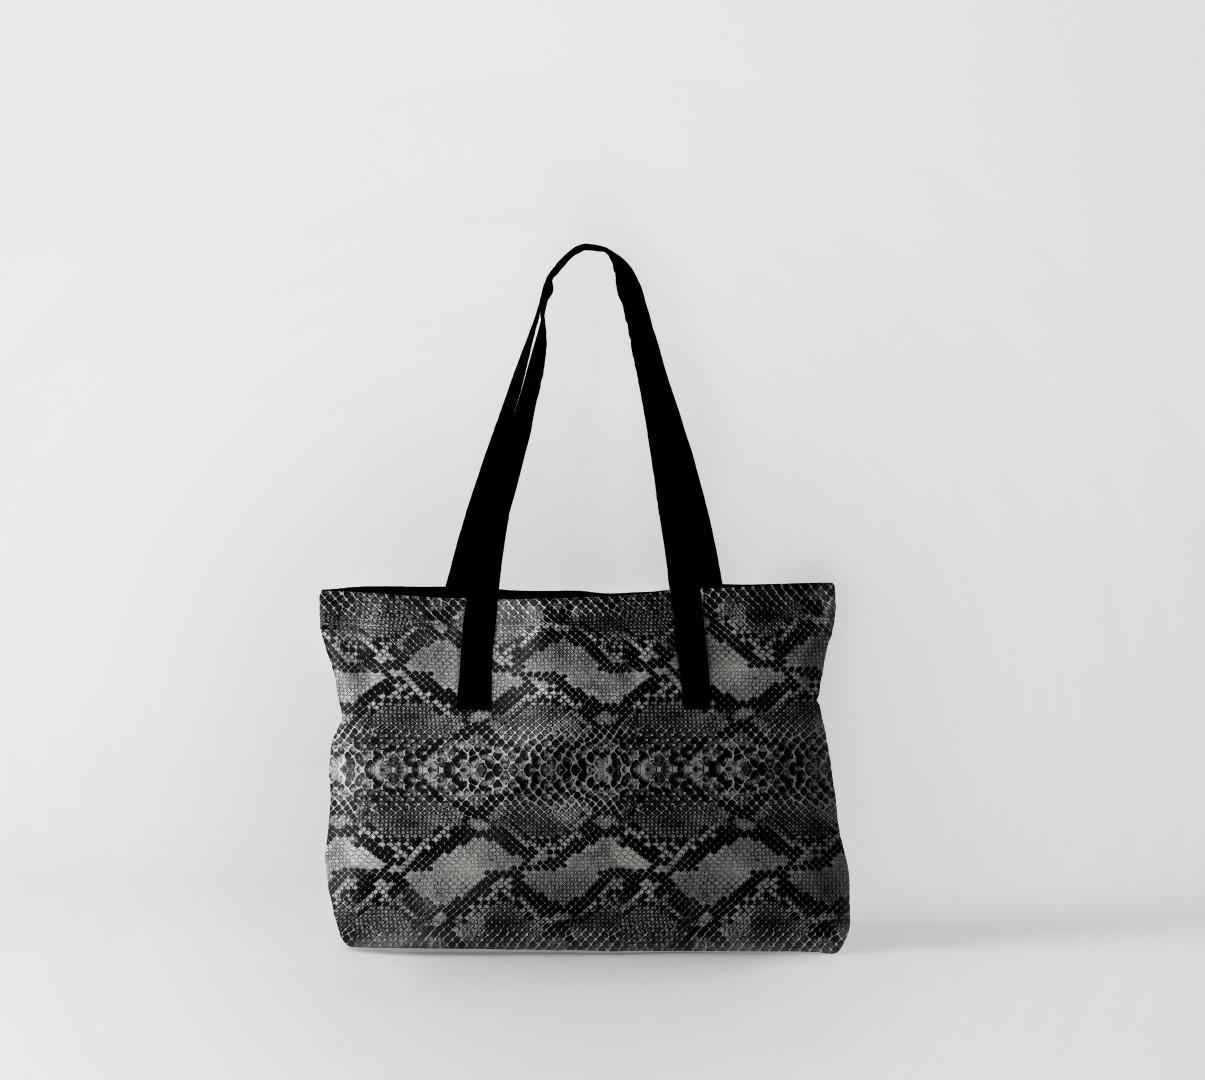 Пляжная сумка Змеиная кожа (50х40 см) Олимп Текстиль oli732570